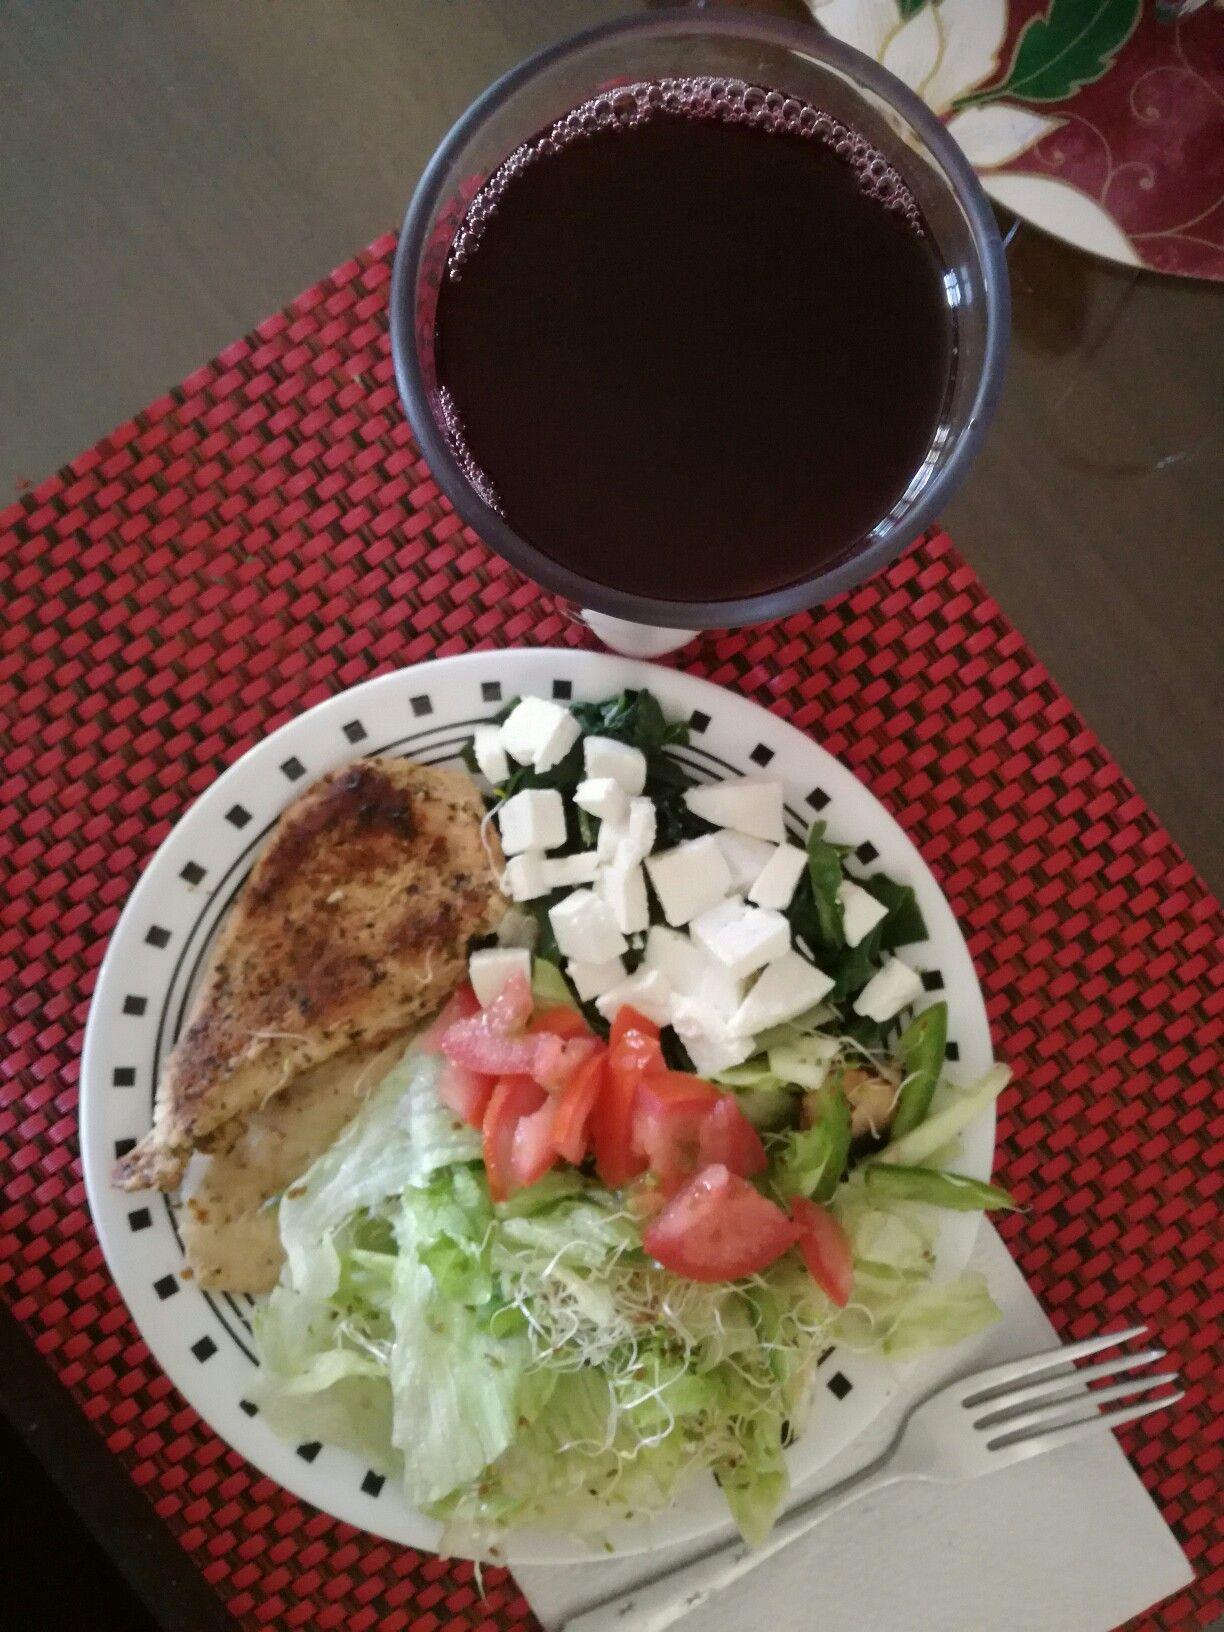 Pechuga de pollo, Acelga cocida con queso panela, Ensalada, Agua de jamaica